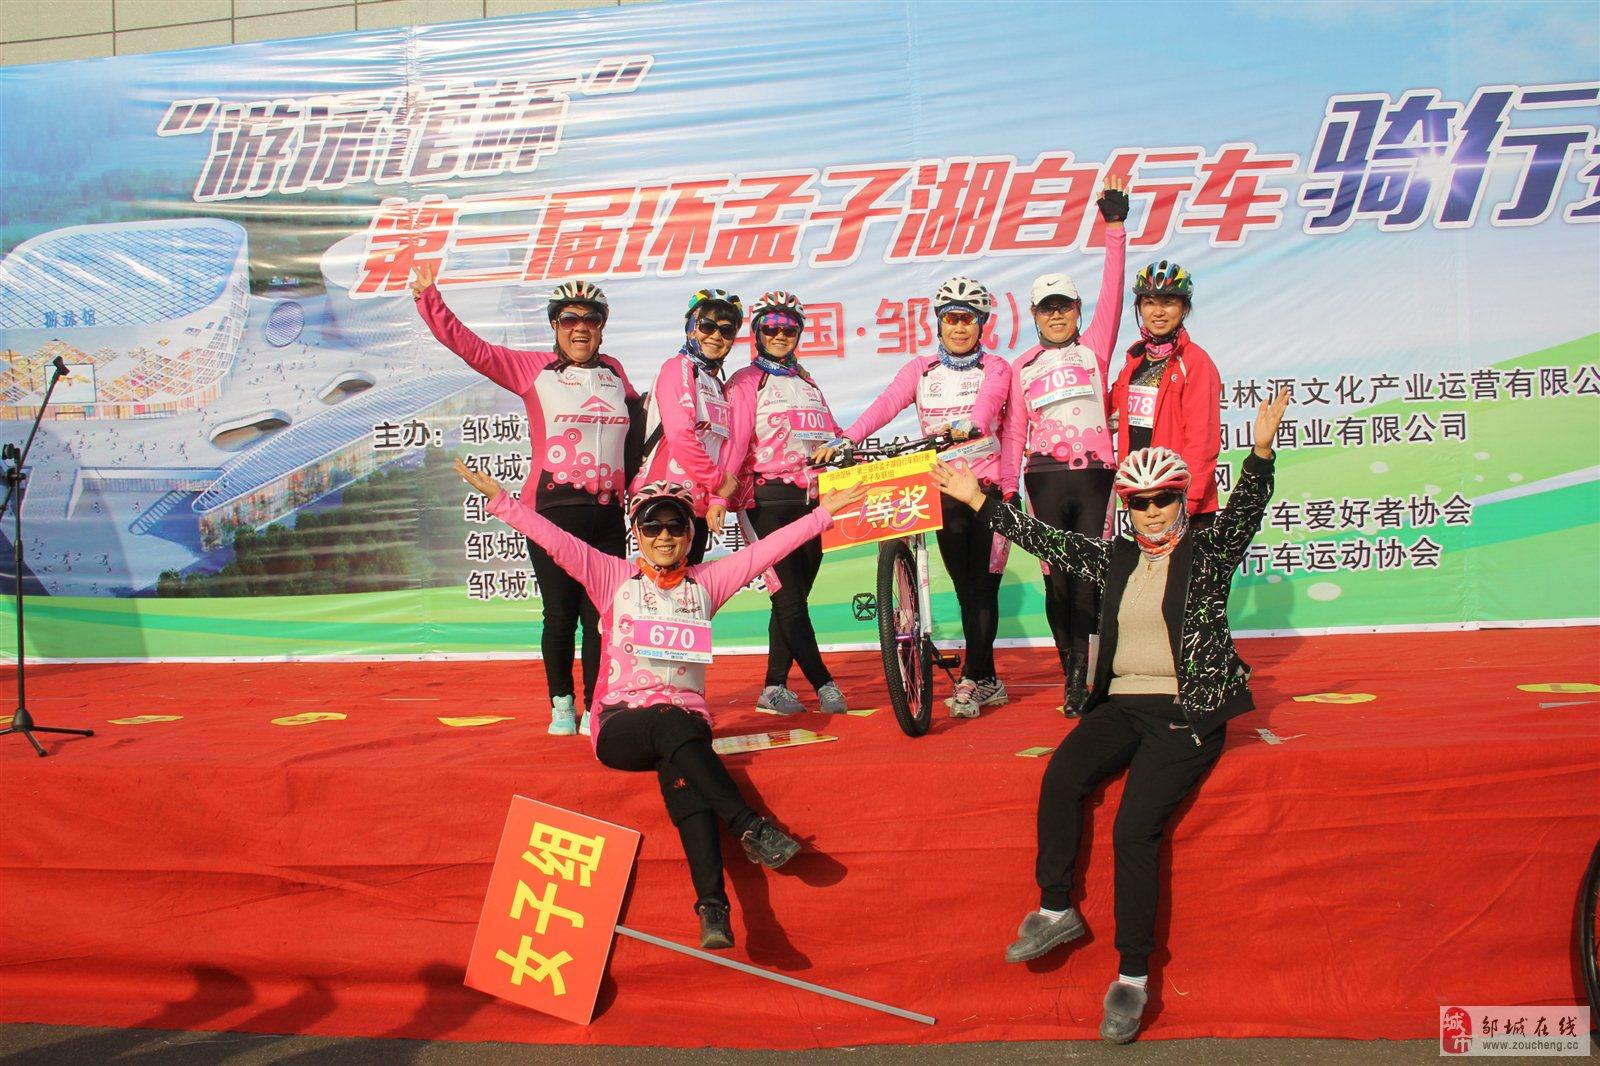 美利达车友在《游泳馆杯》环孟子湖自行车骑行赛中的风采!